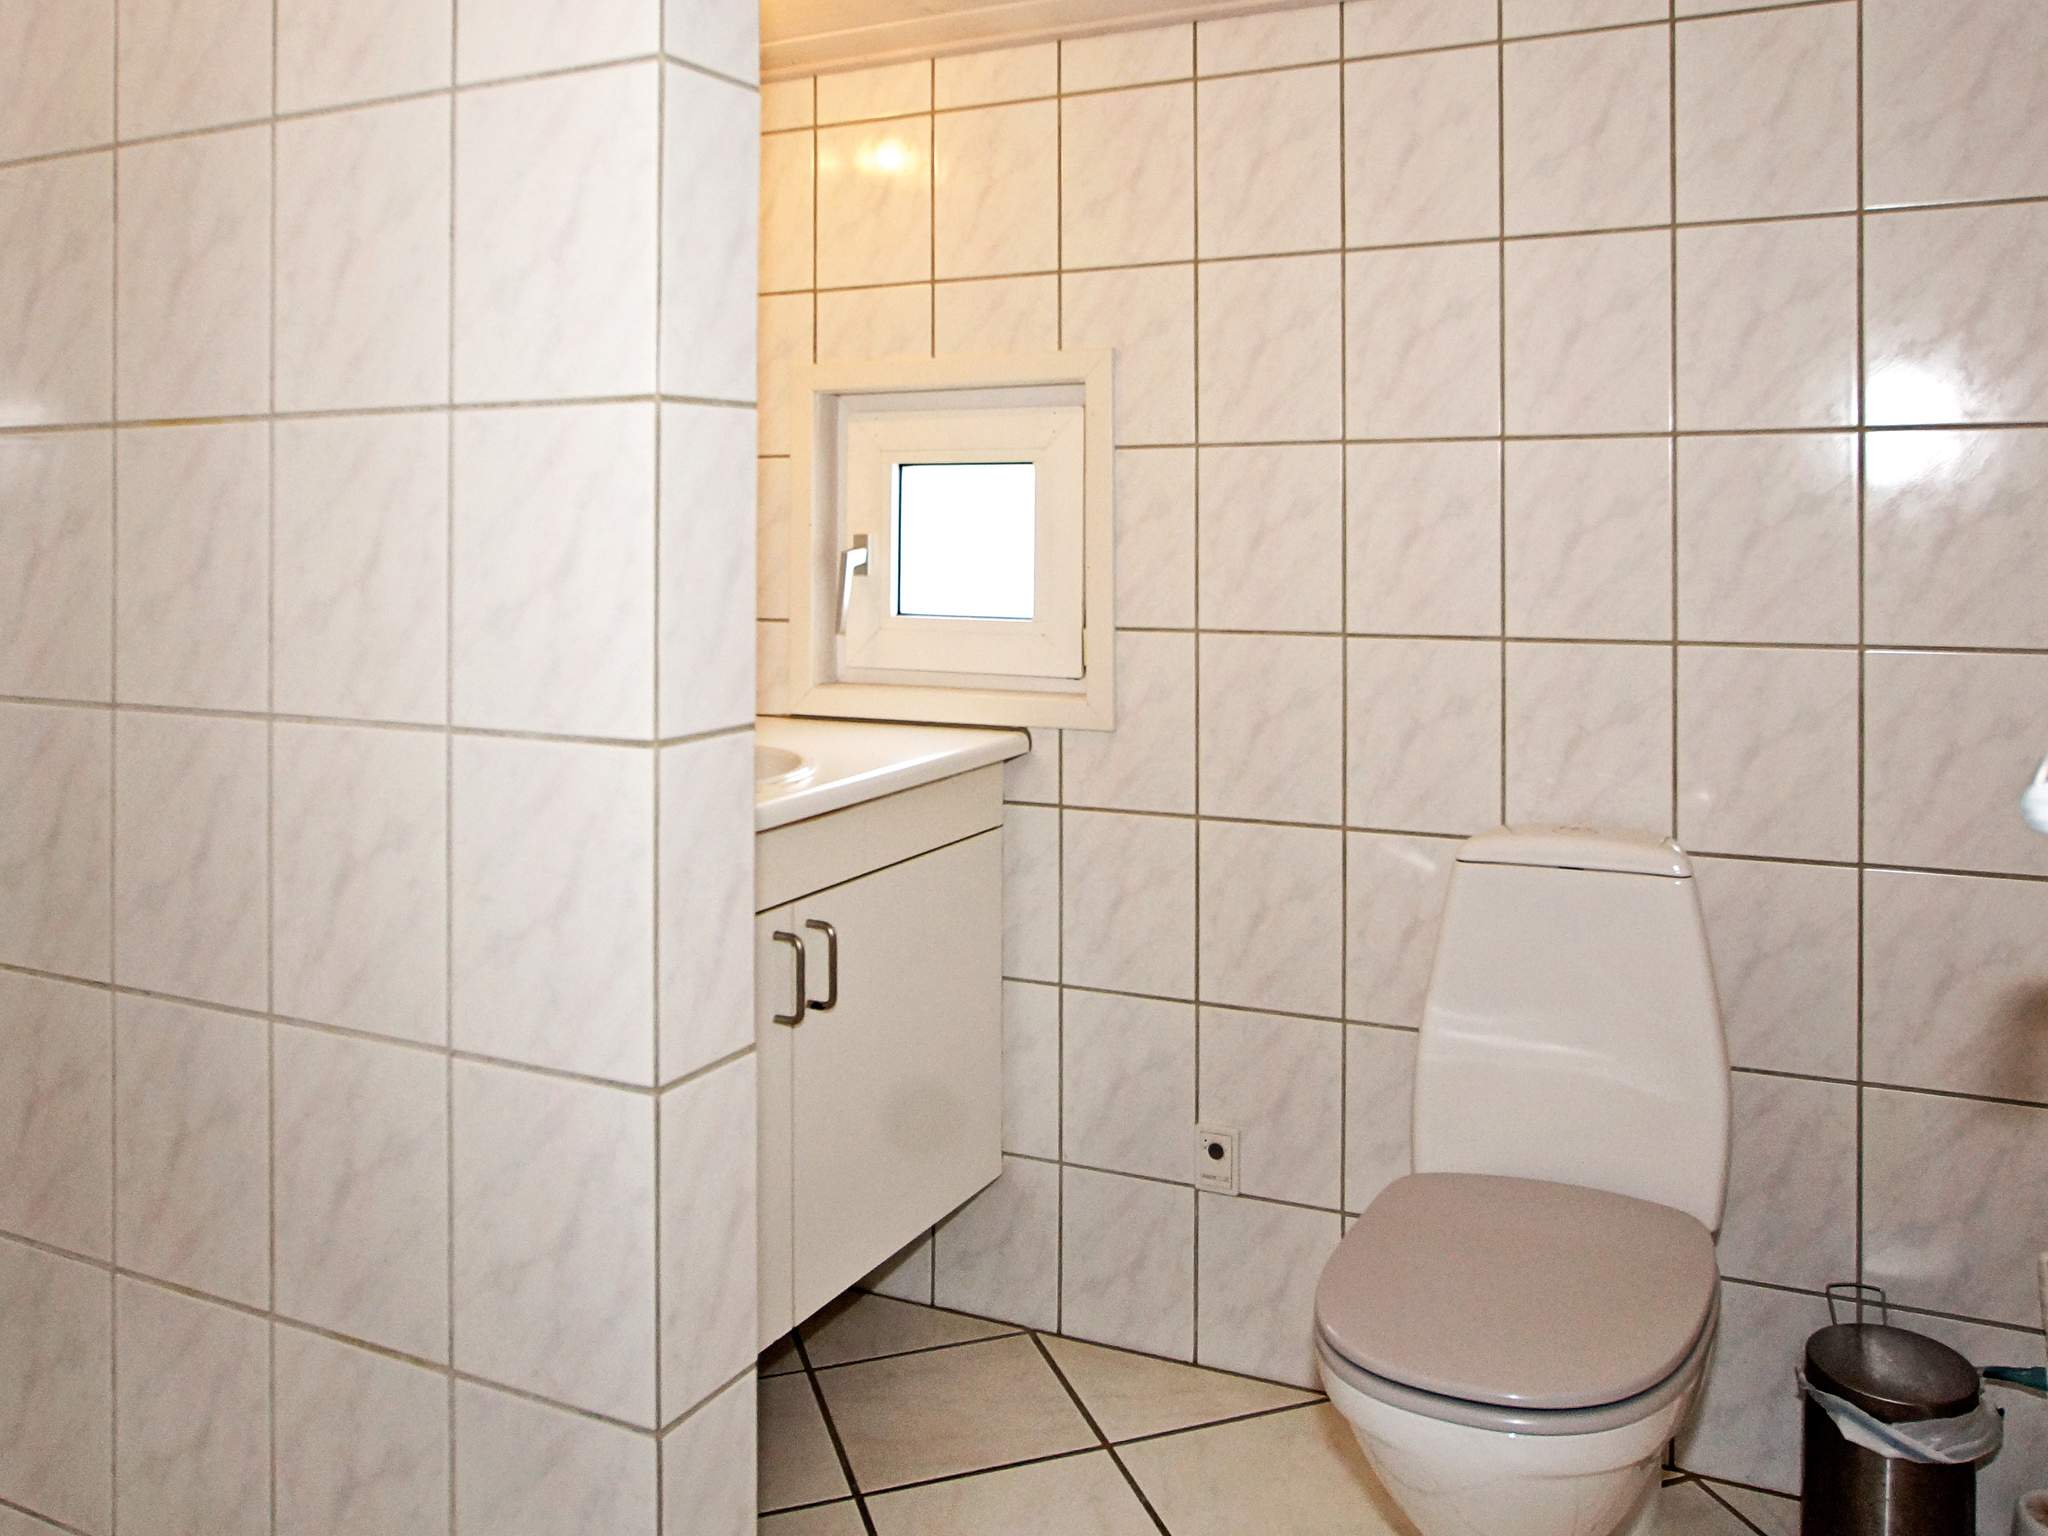 Ferienhaus Bork Havn (88626), Bork Havn, , Westjütland, Dänemark, Bild 5